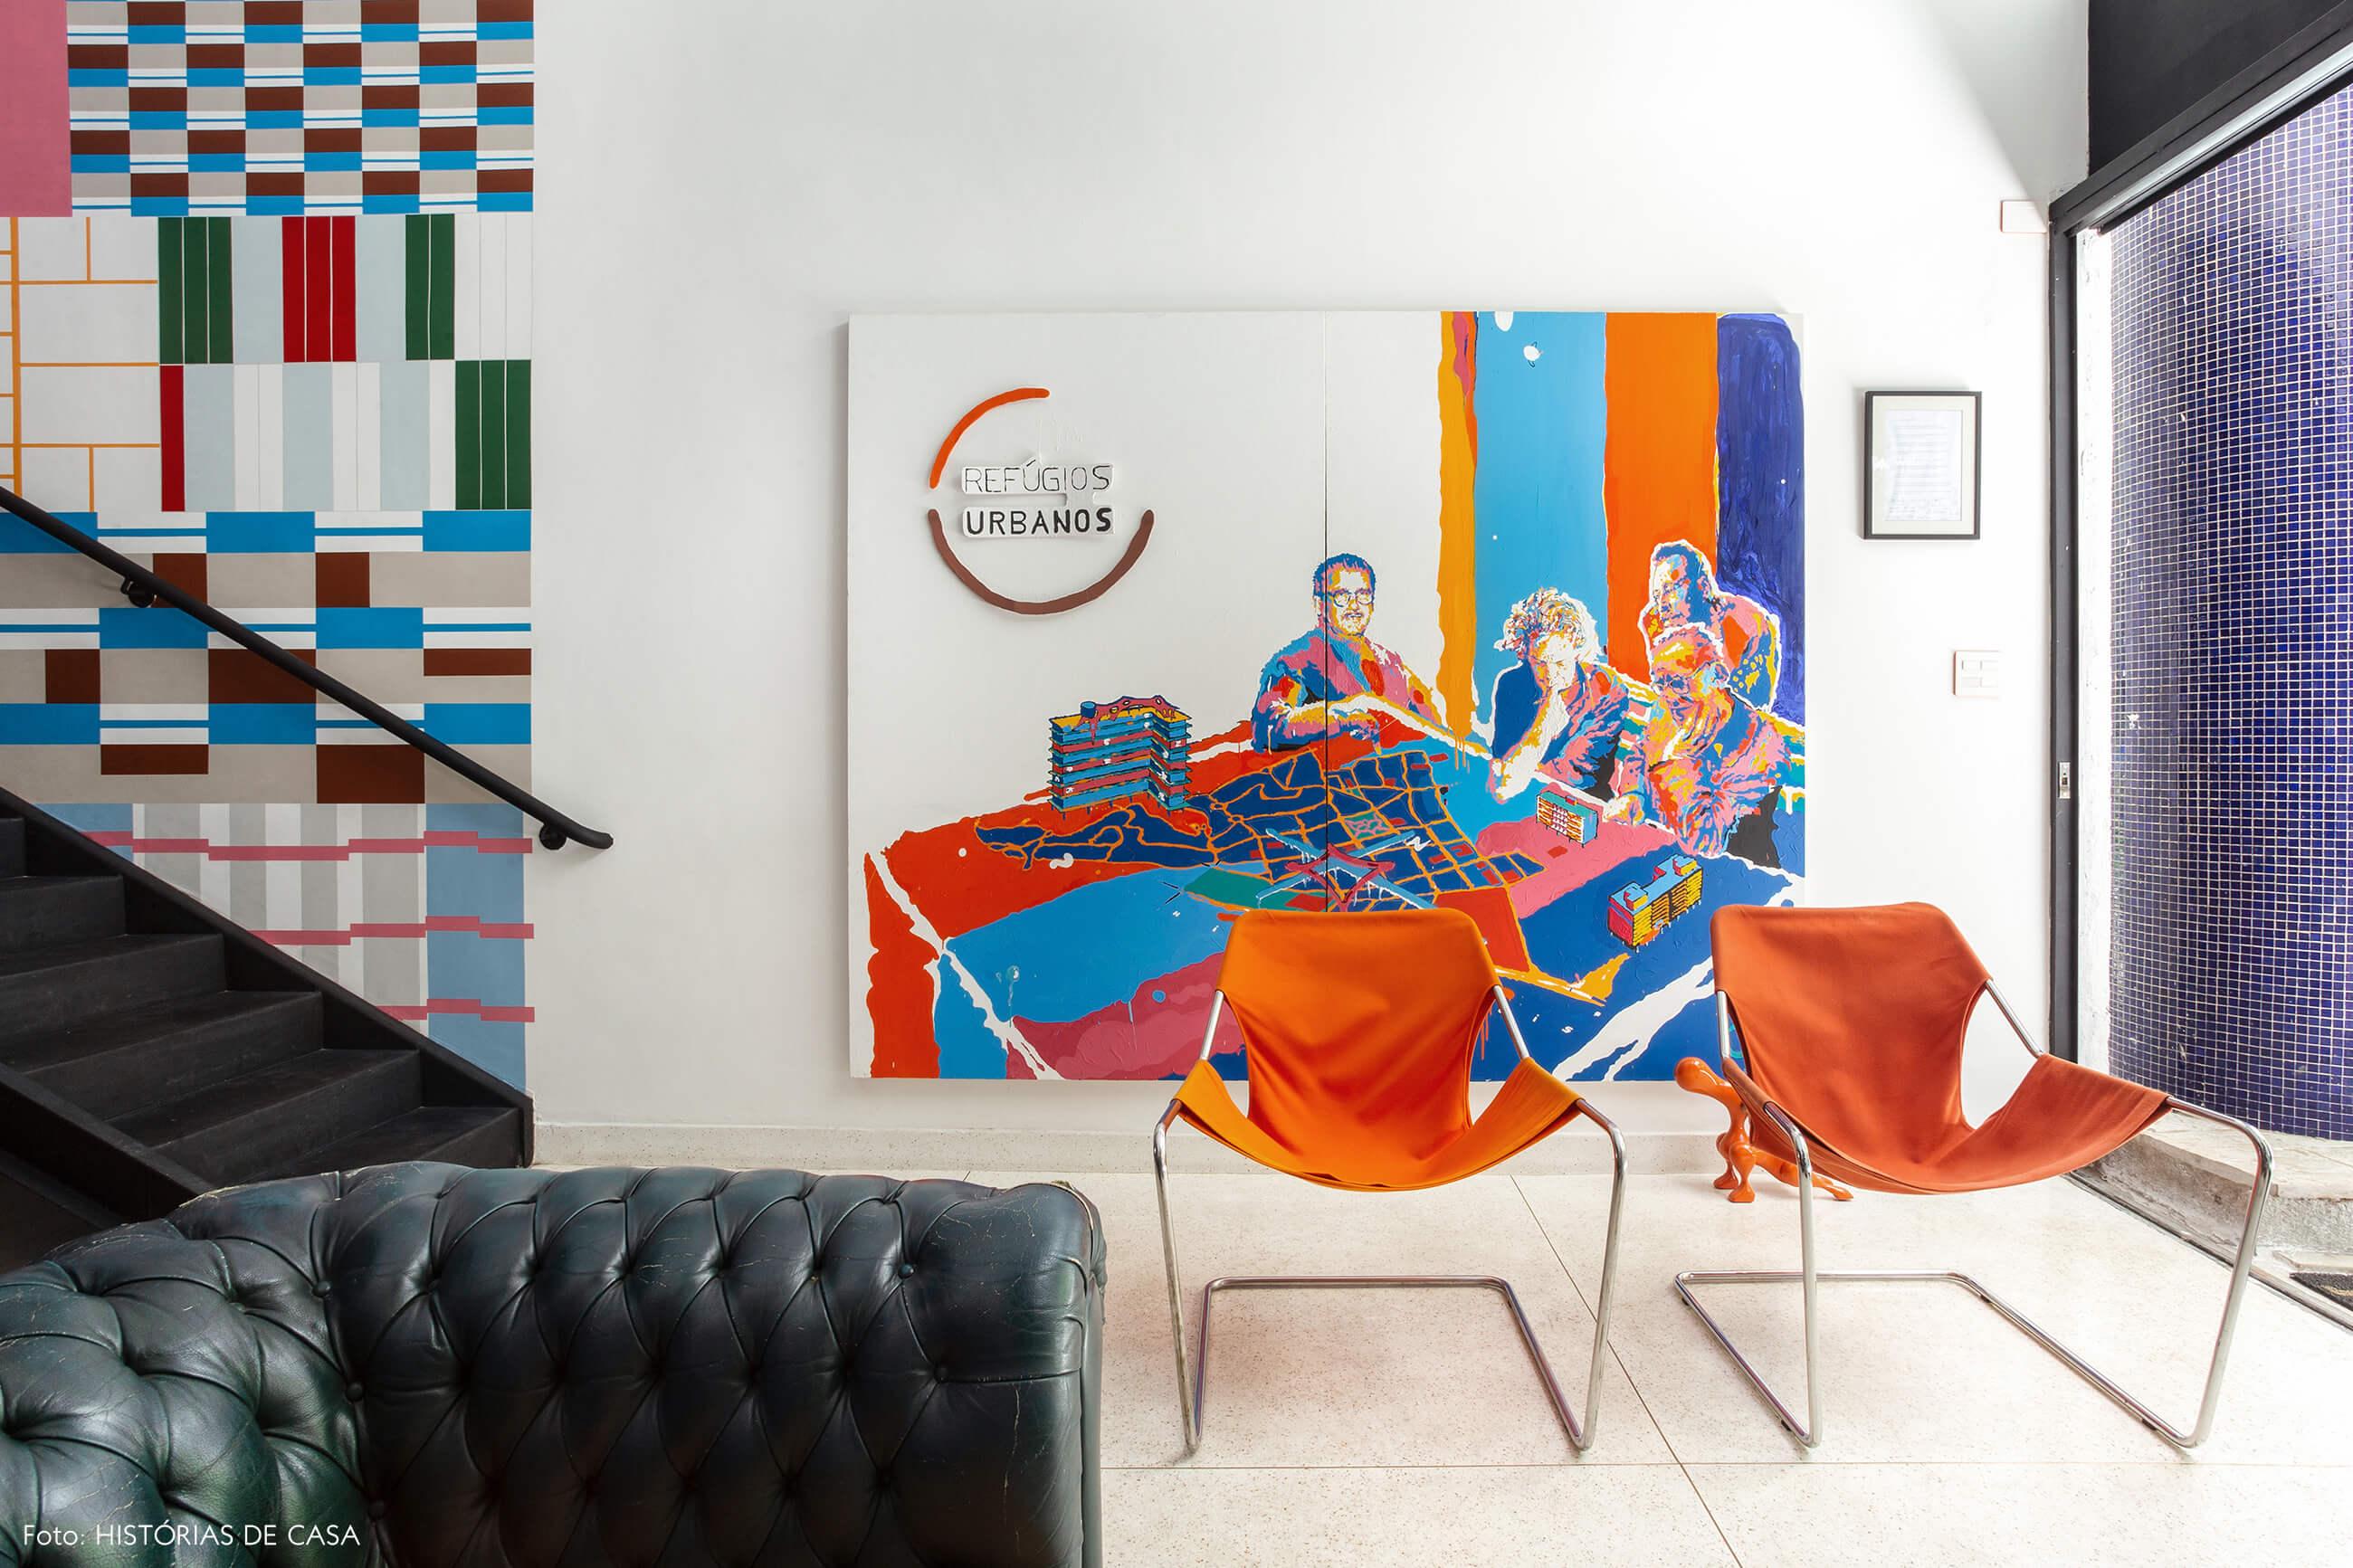 Escritório com poltronas Paulistano coloridas